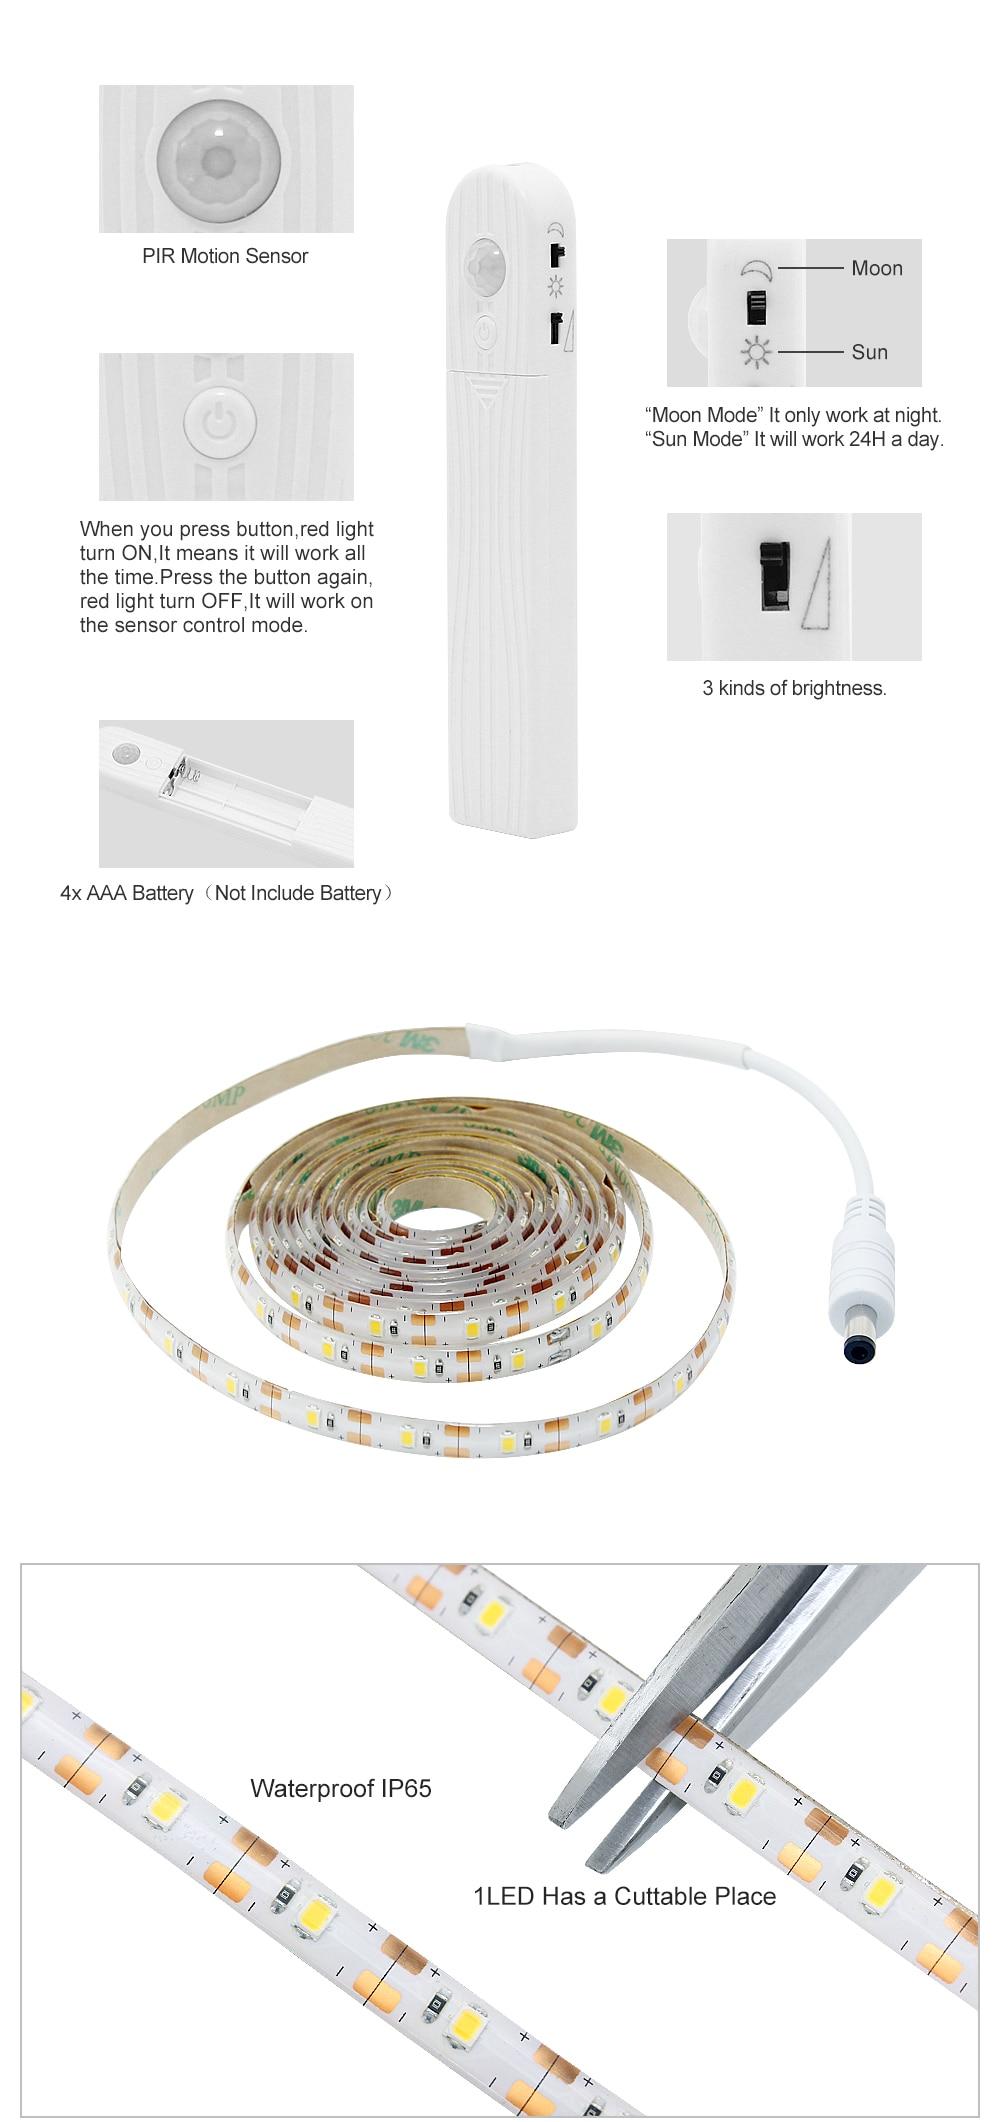 PIR датчик движения светодиодный гардероб кровать ночник 1М 2М 3М гибкой прокладки Сид Dimmable лампы ААА аккумулятор питания для шкаф лестницы